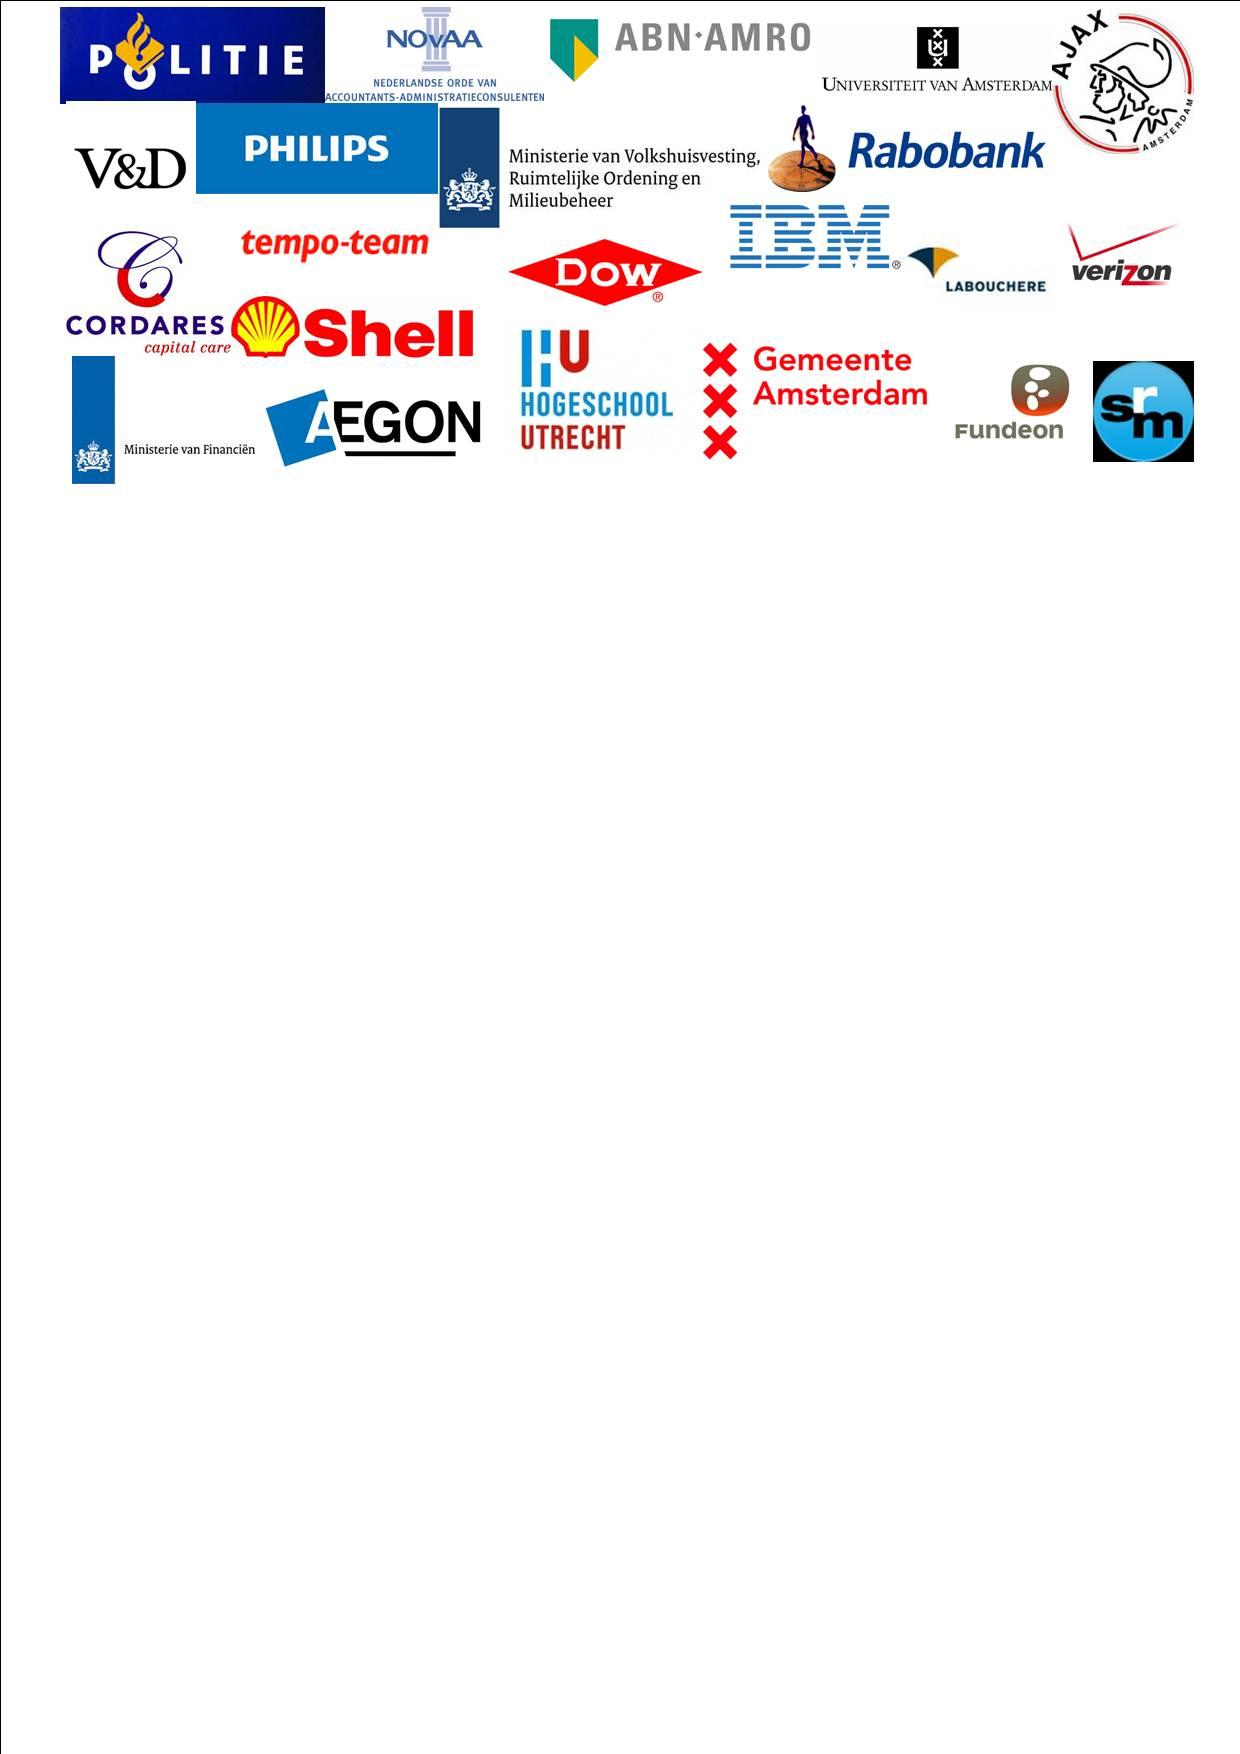 logos-publisher1